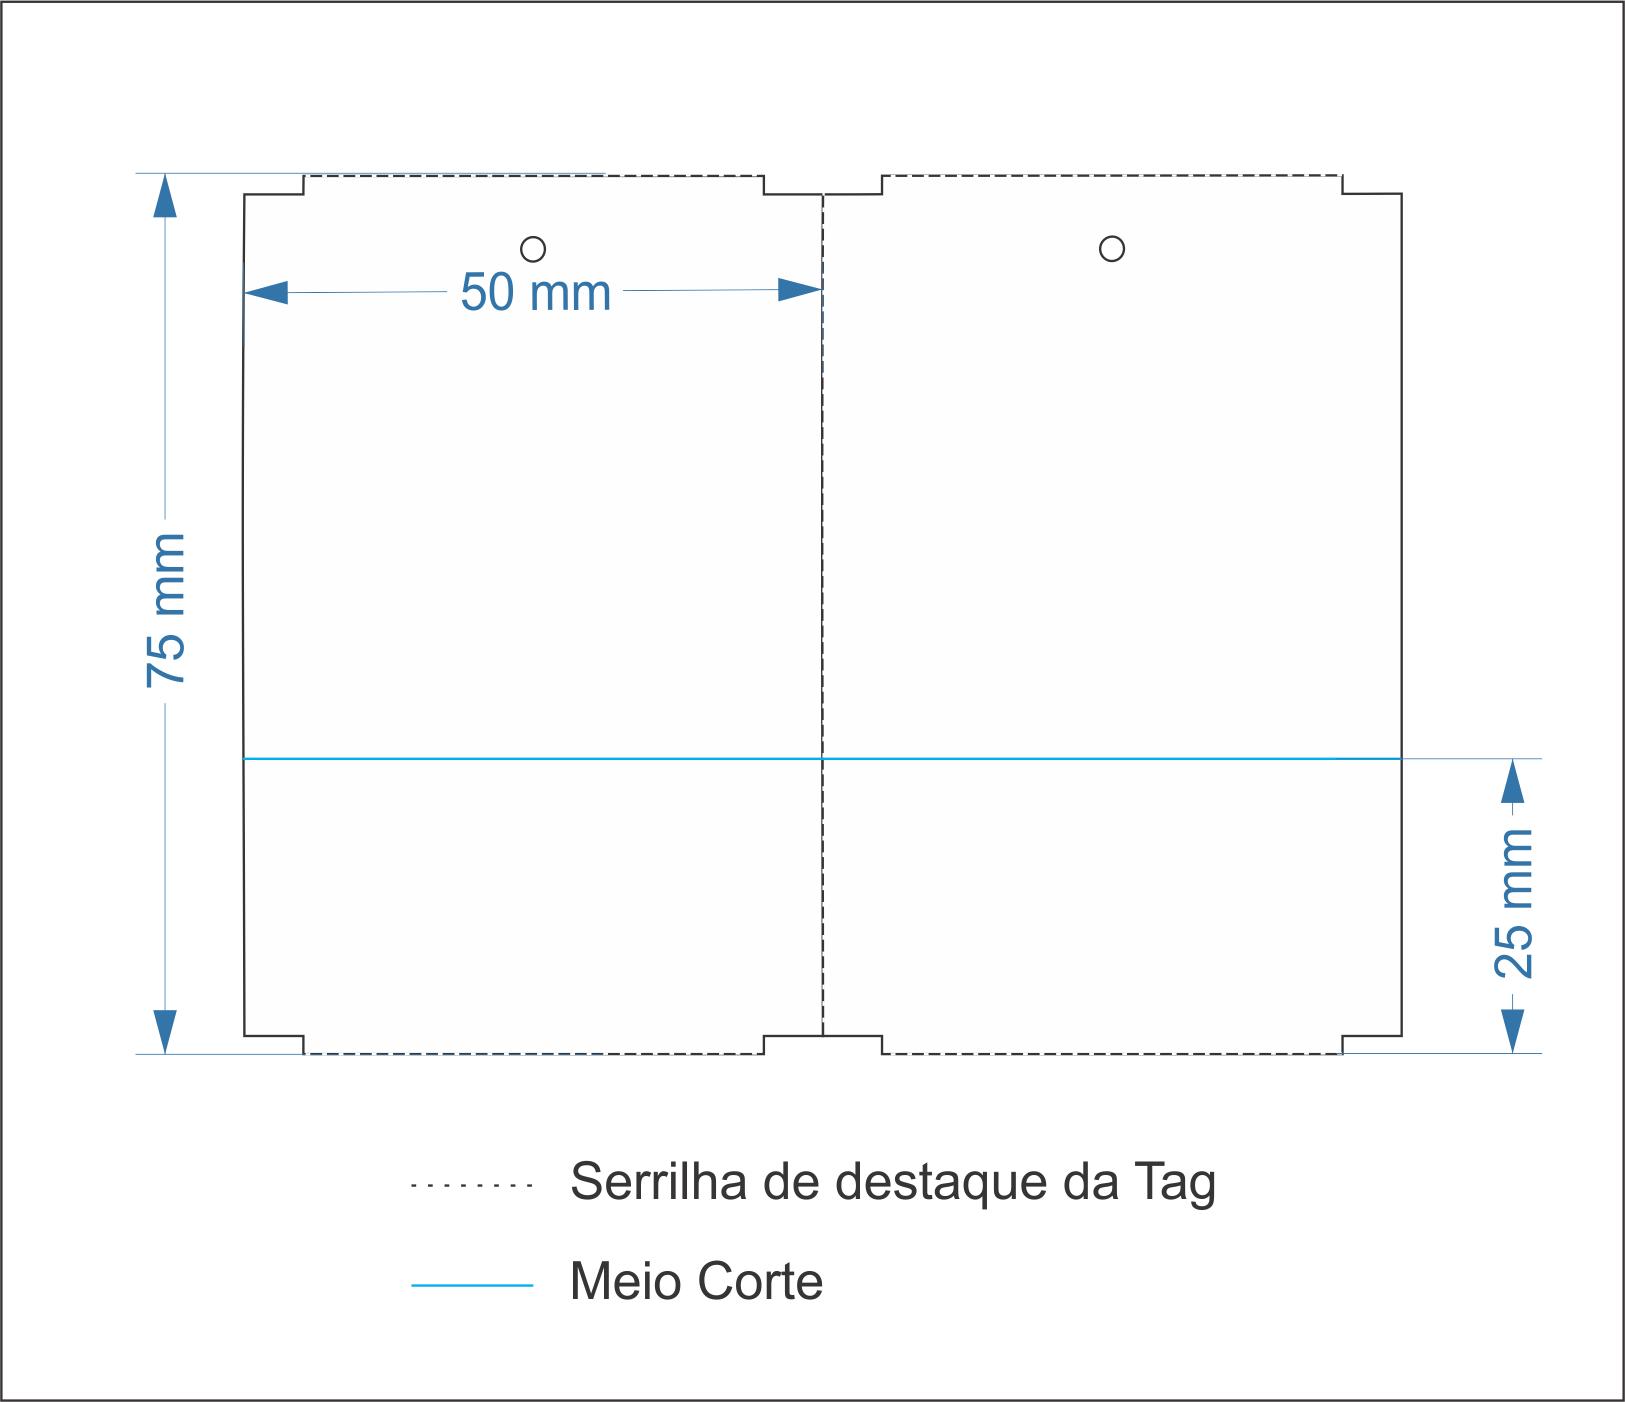 Etiquetas Adesivas Tag 50x75 Mm Couchê COM CANHOTO - 10 Rolos